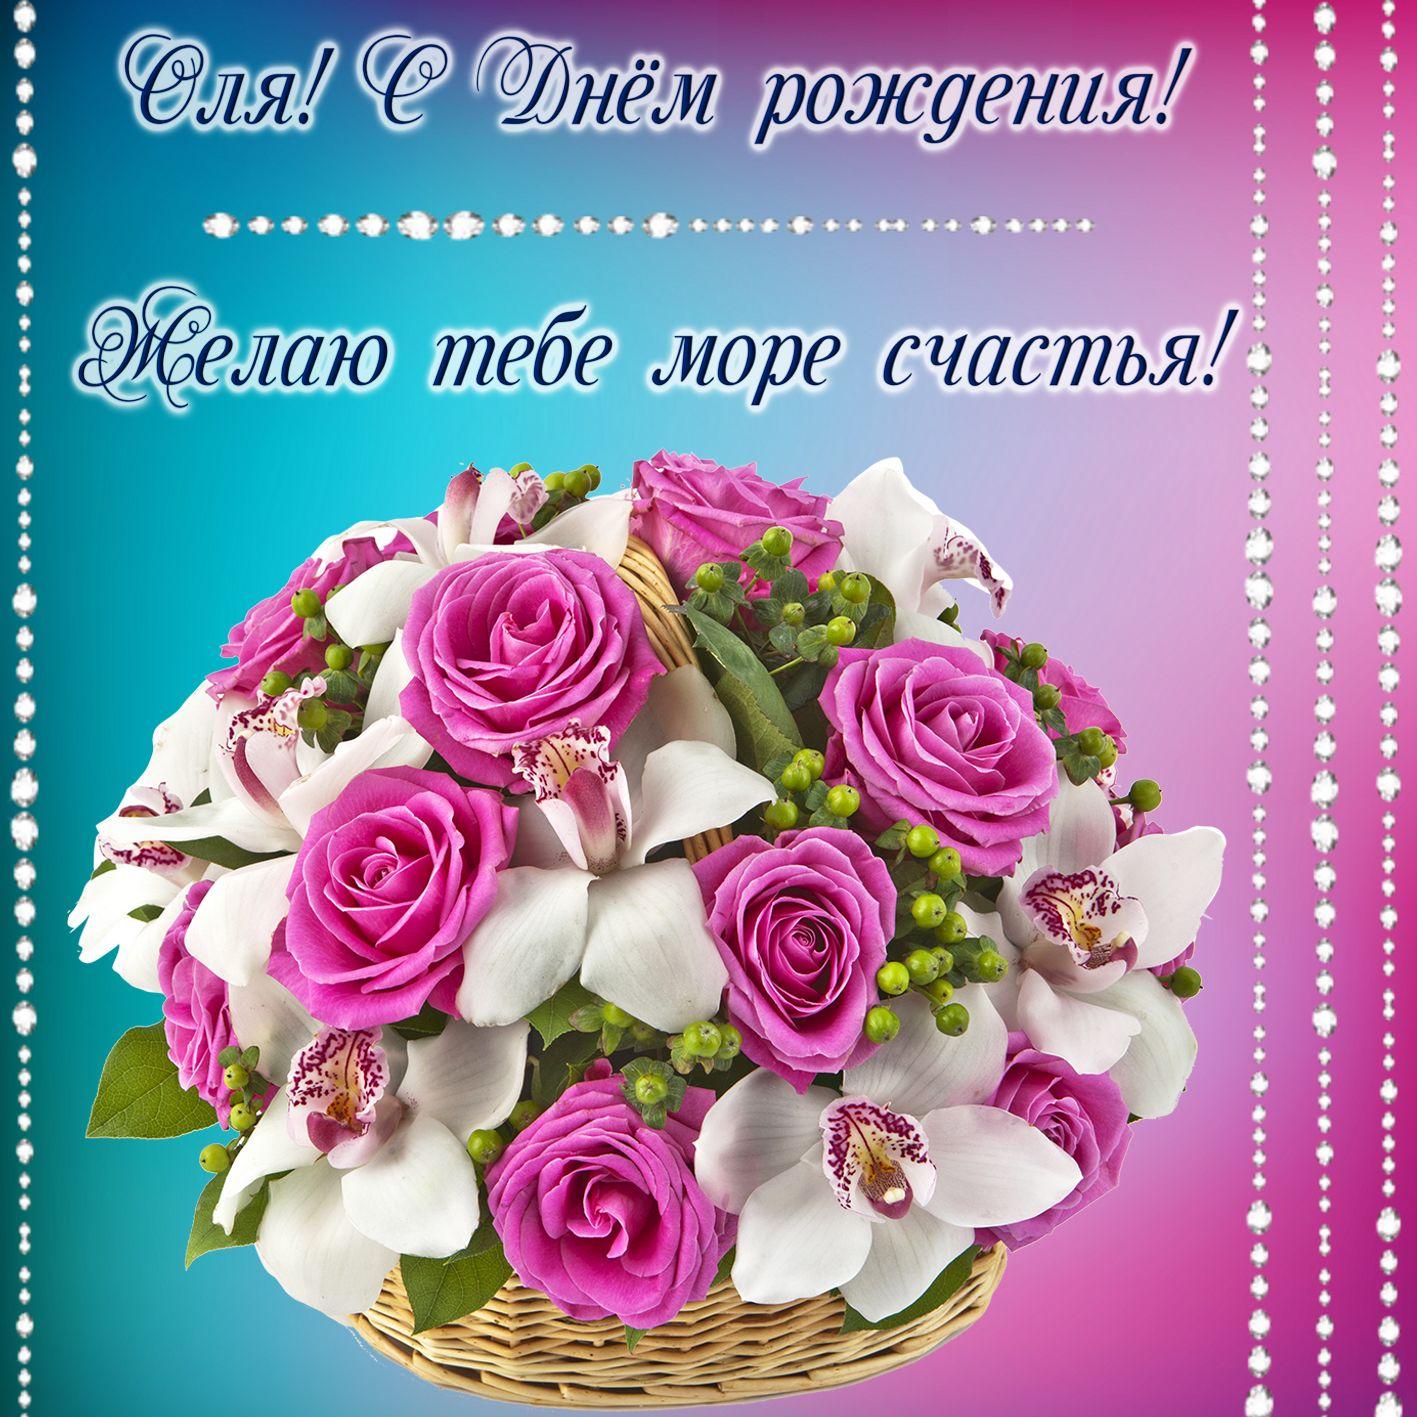 Поздравление ольге с днем рождения открытки с днем рождения